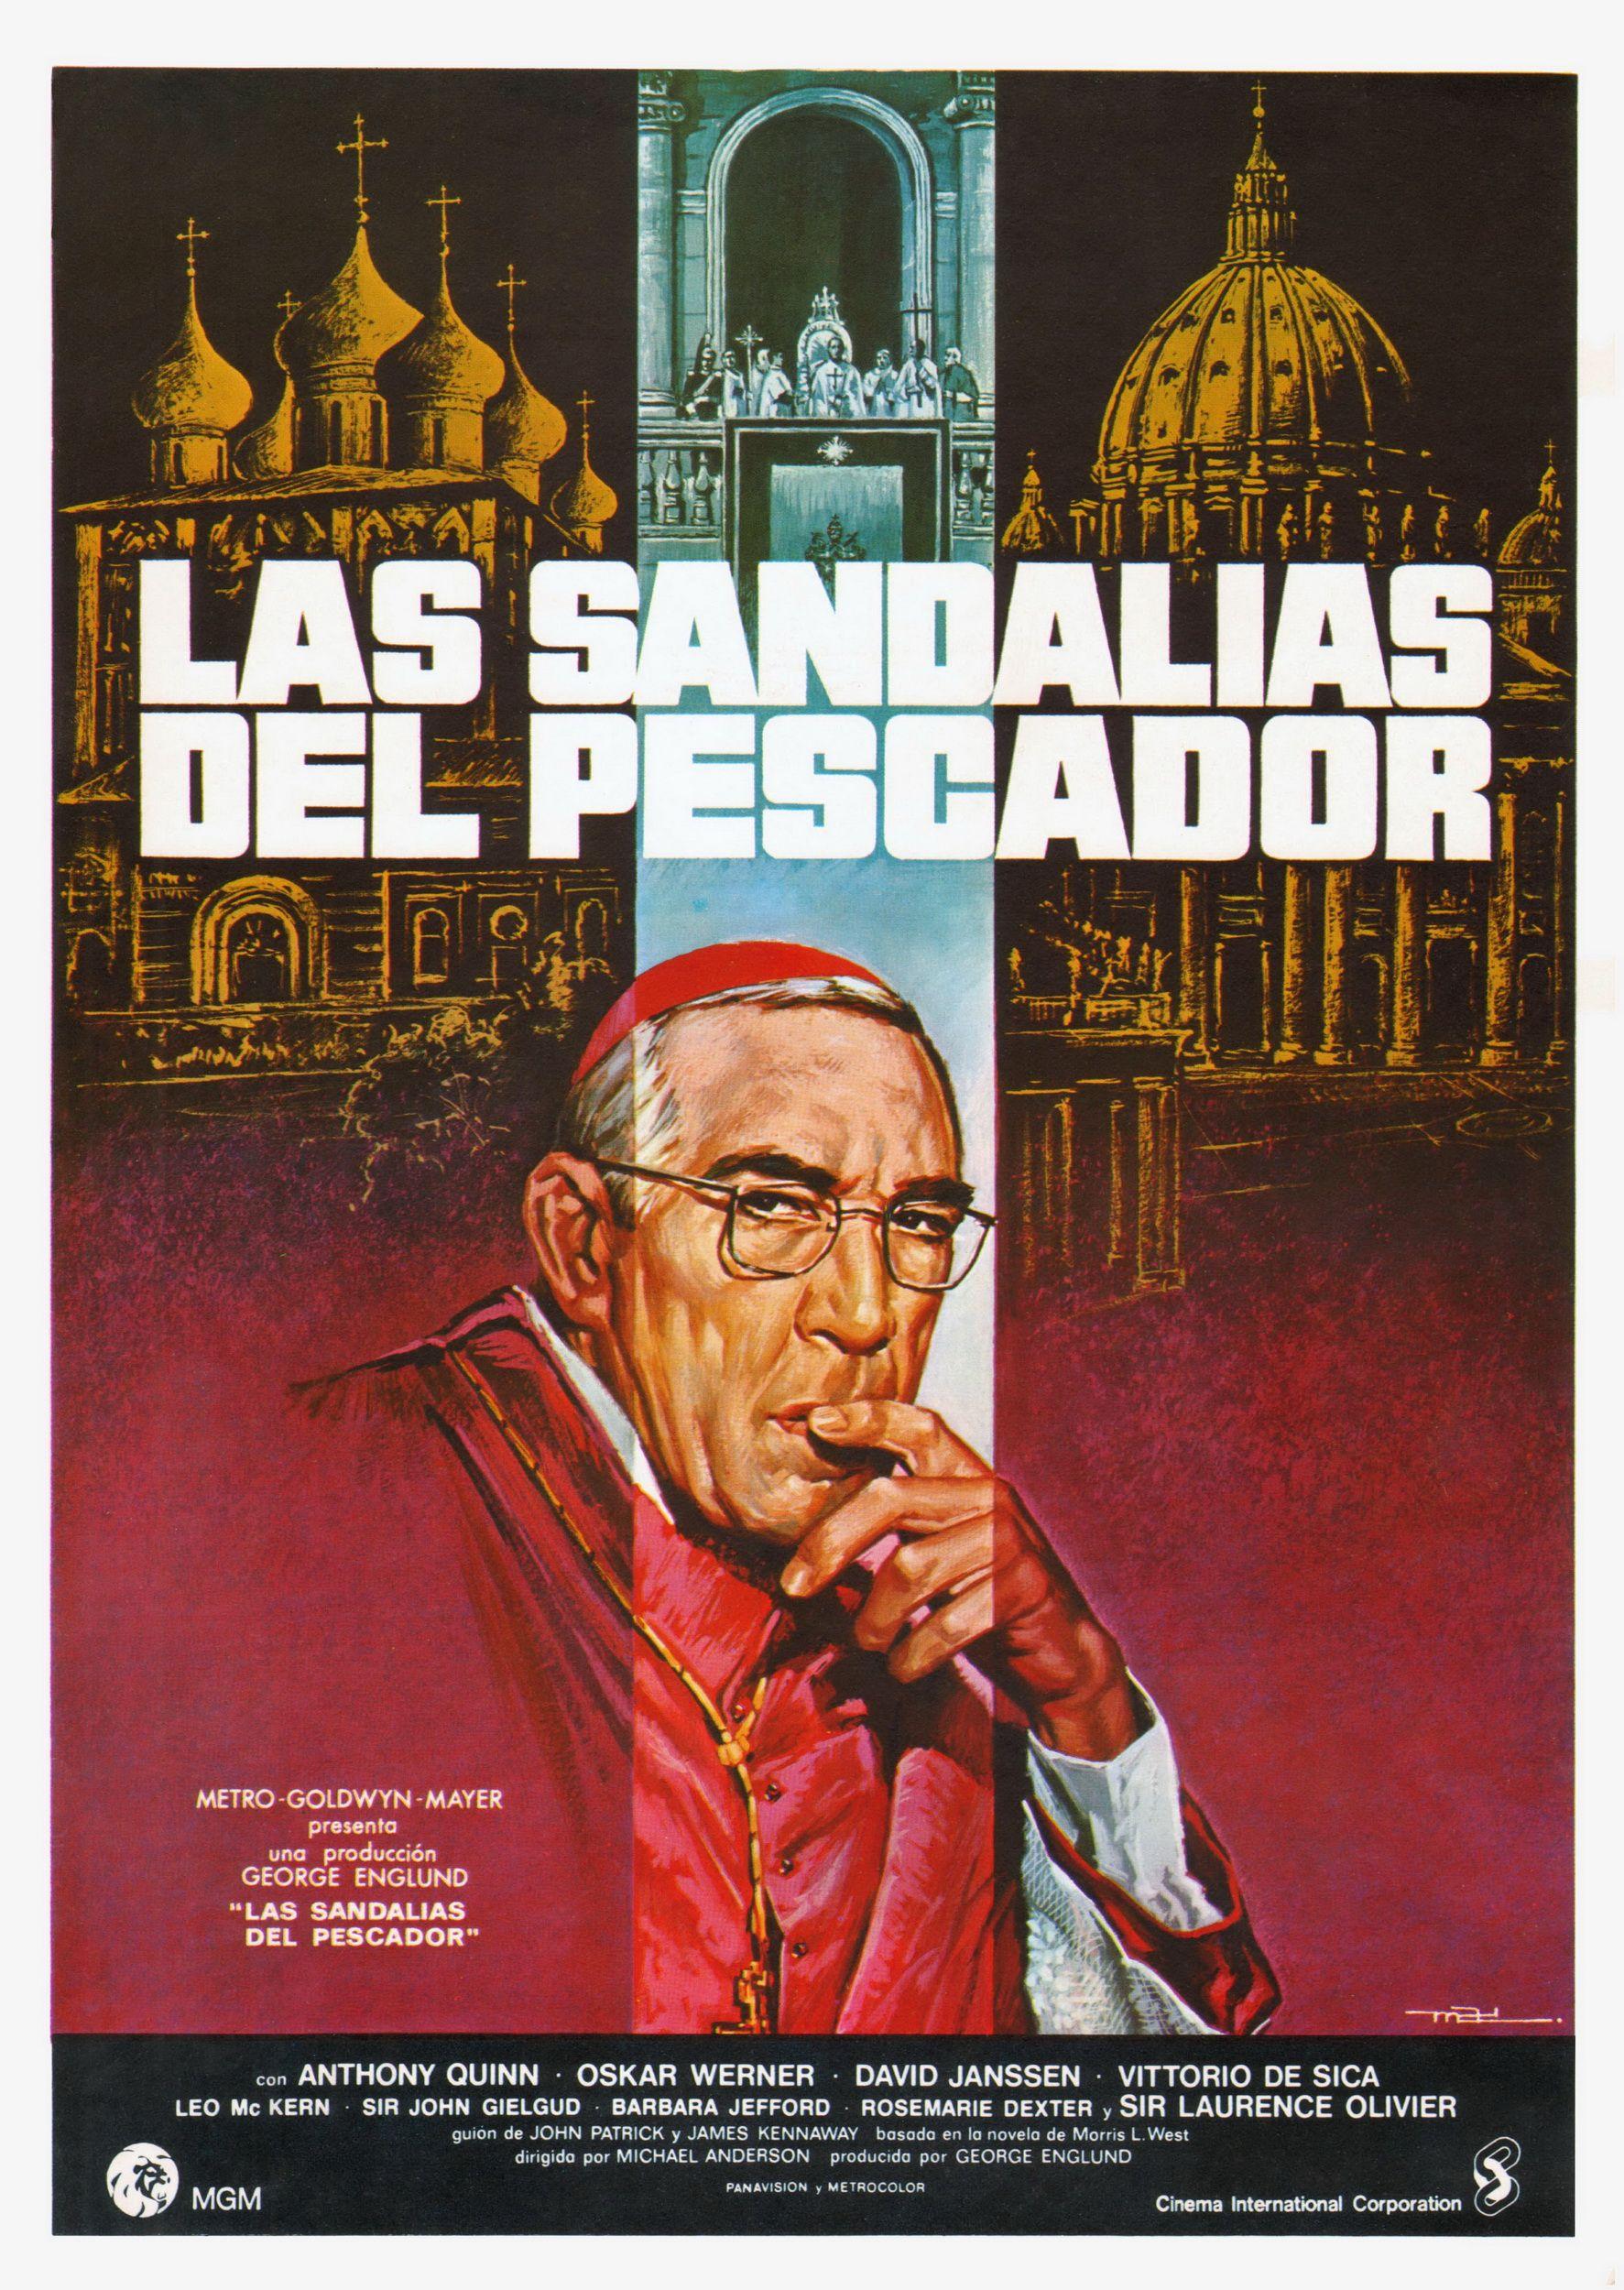 Peliculas Del Las Release Sandalias PescadorForeign Catolicas pjGULSVqzM